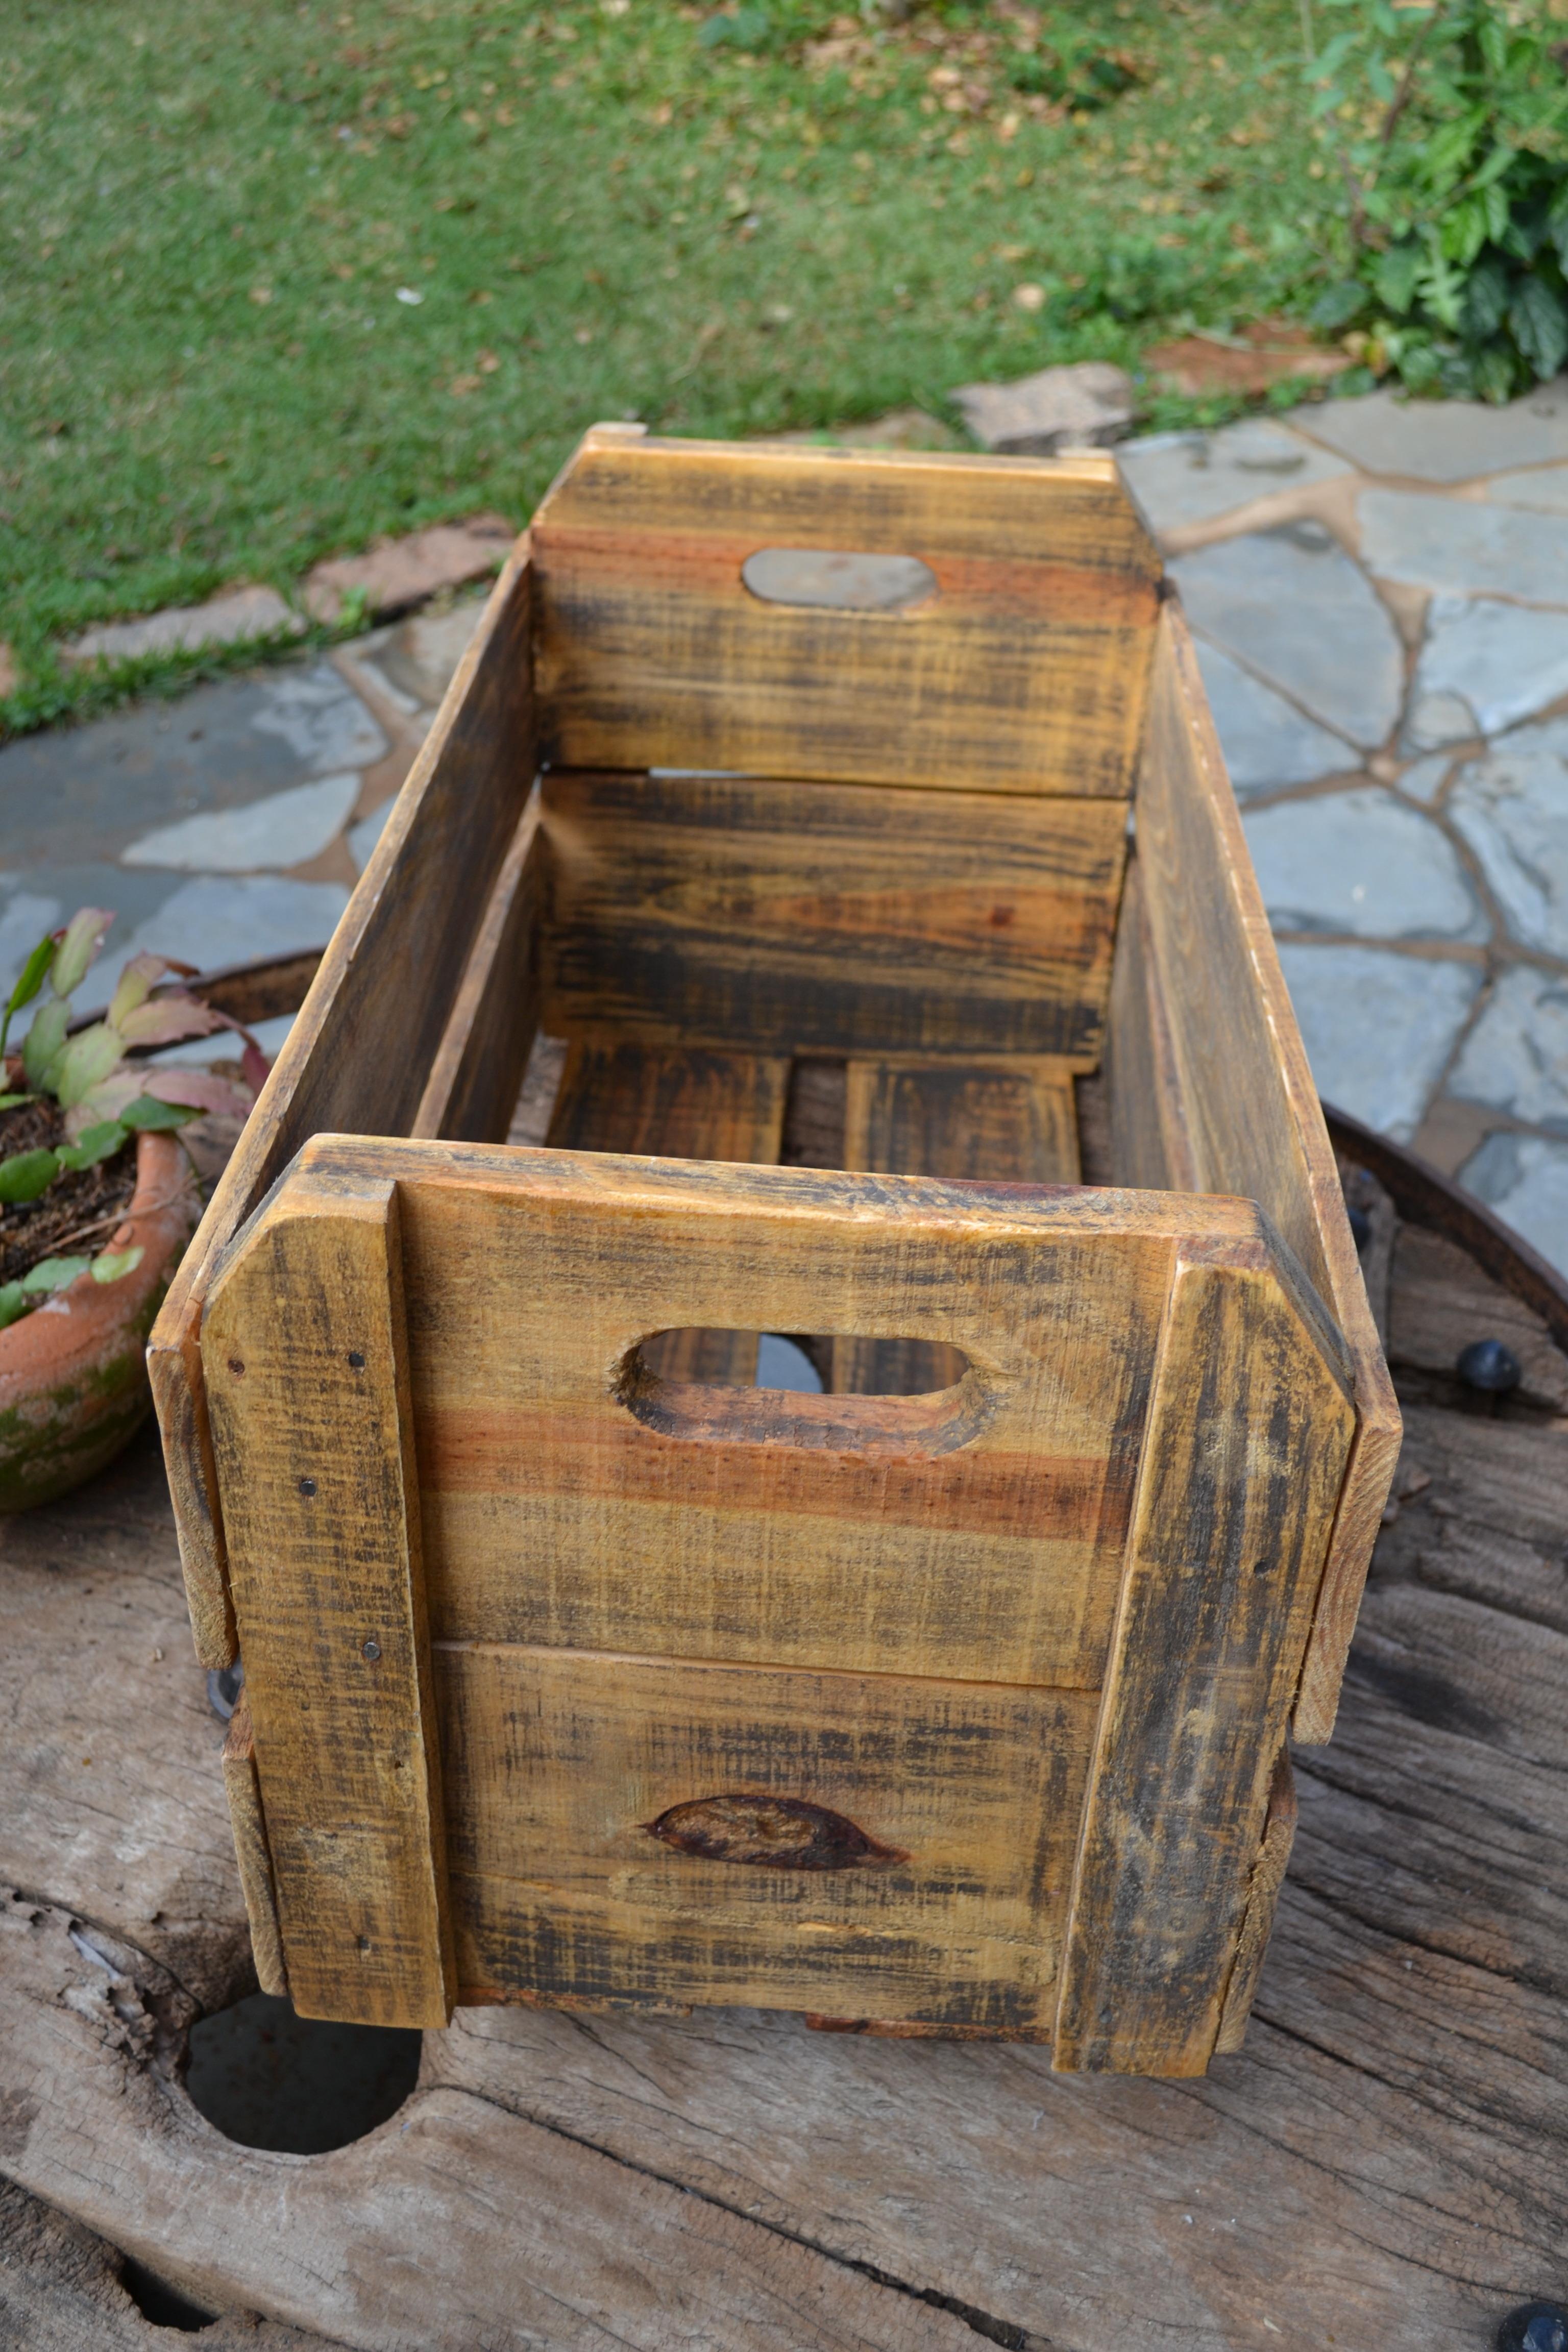 caixote de feira envelhecido feira caixote de feira envelhecido caixa #956A36 3072x4608